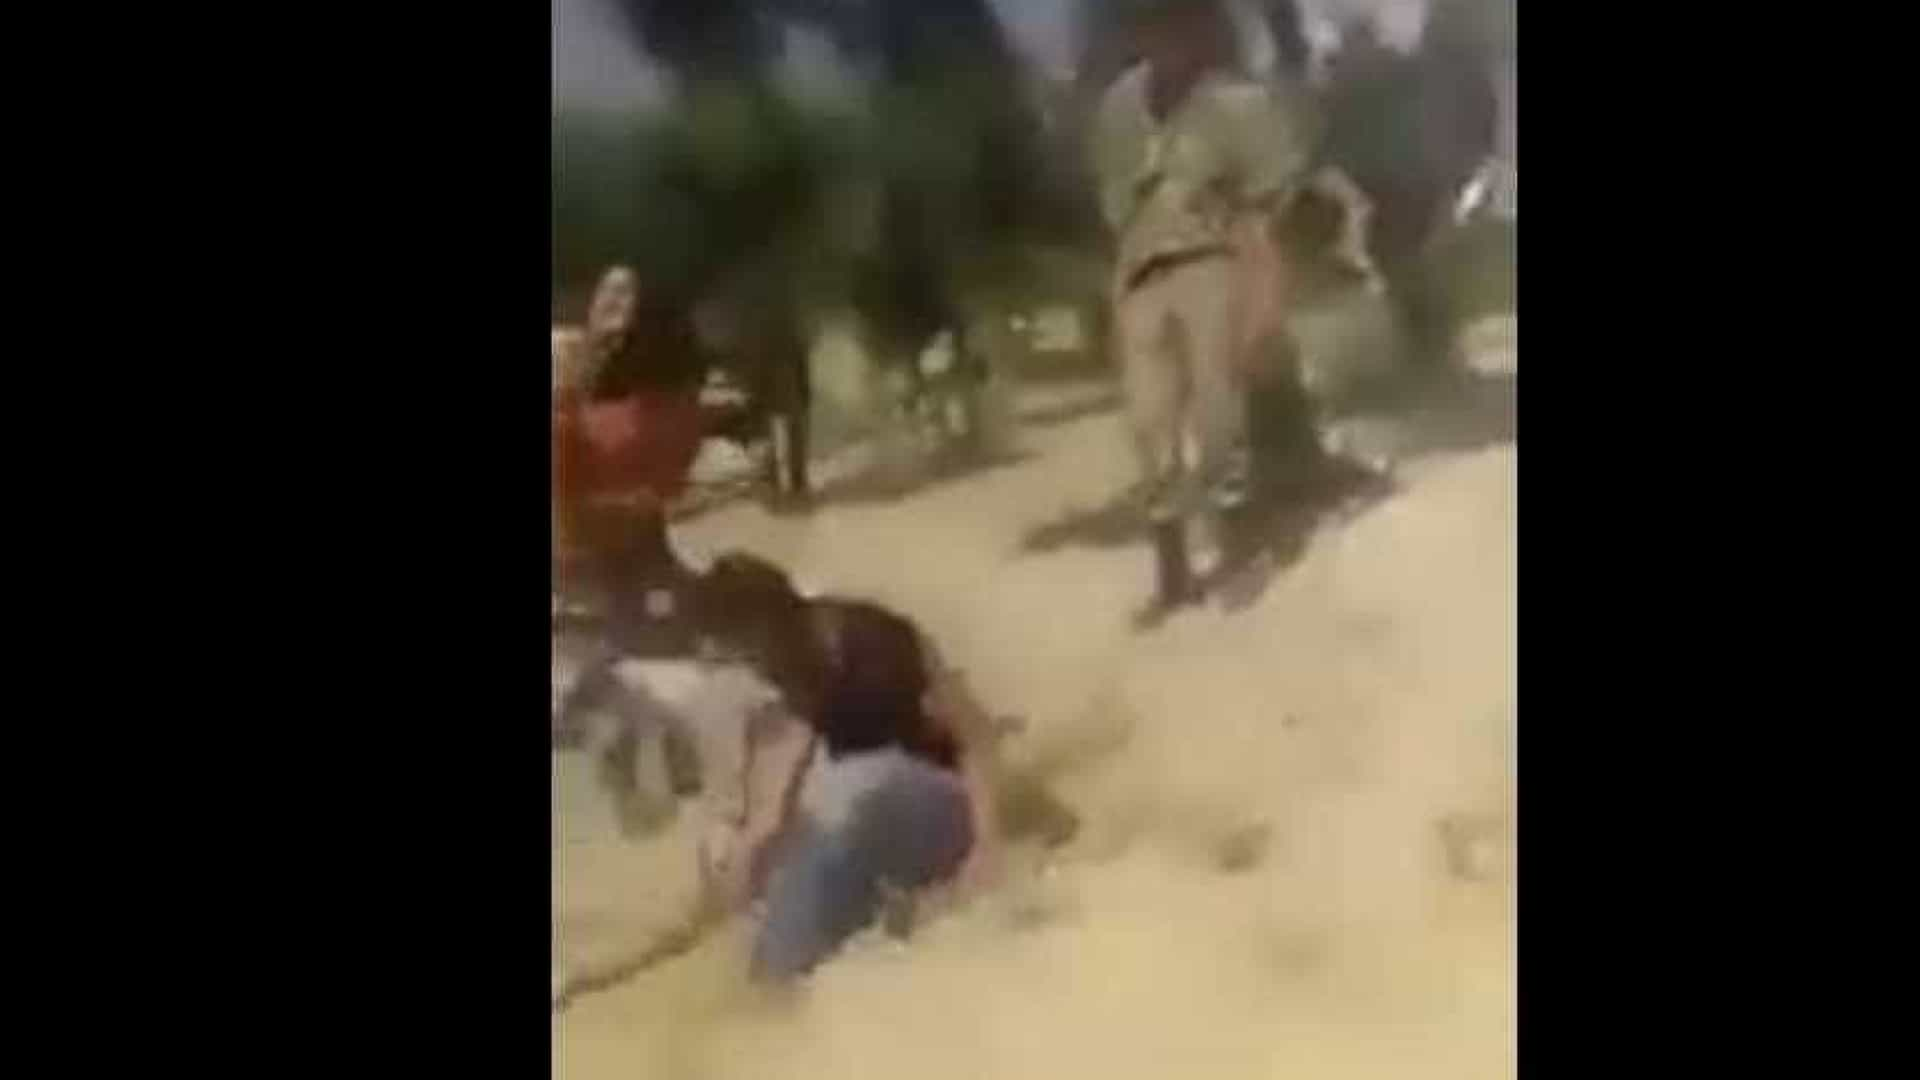 Soldados turcos detidos após vídeo de abusos a refugiados sírios